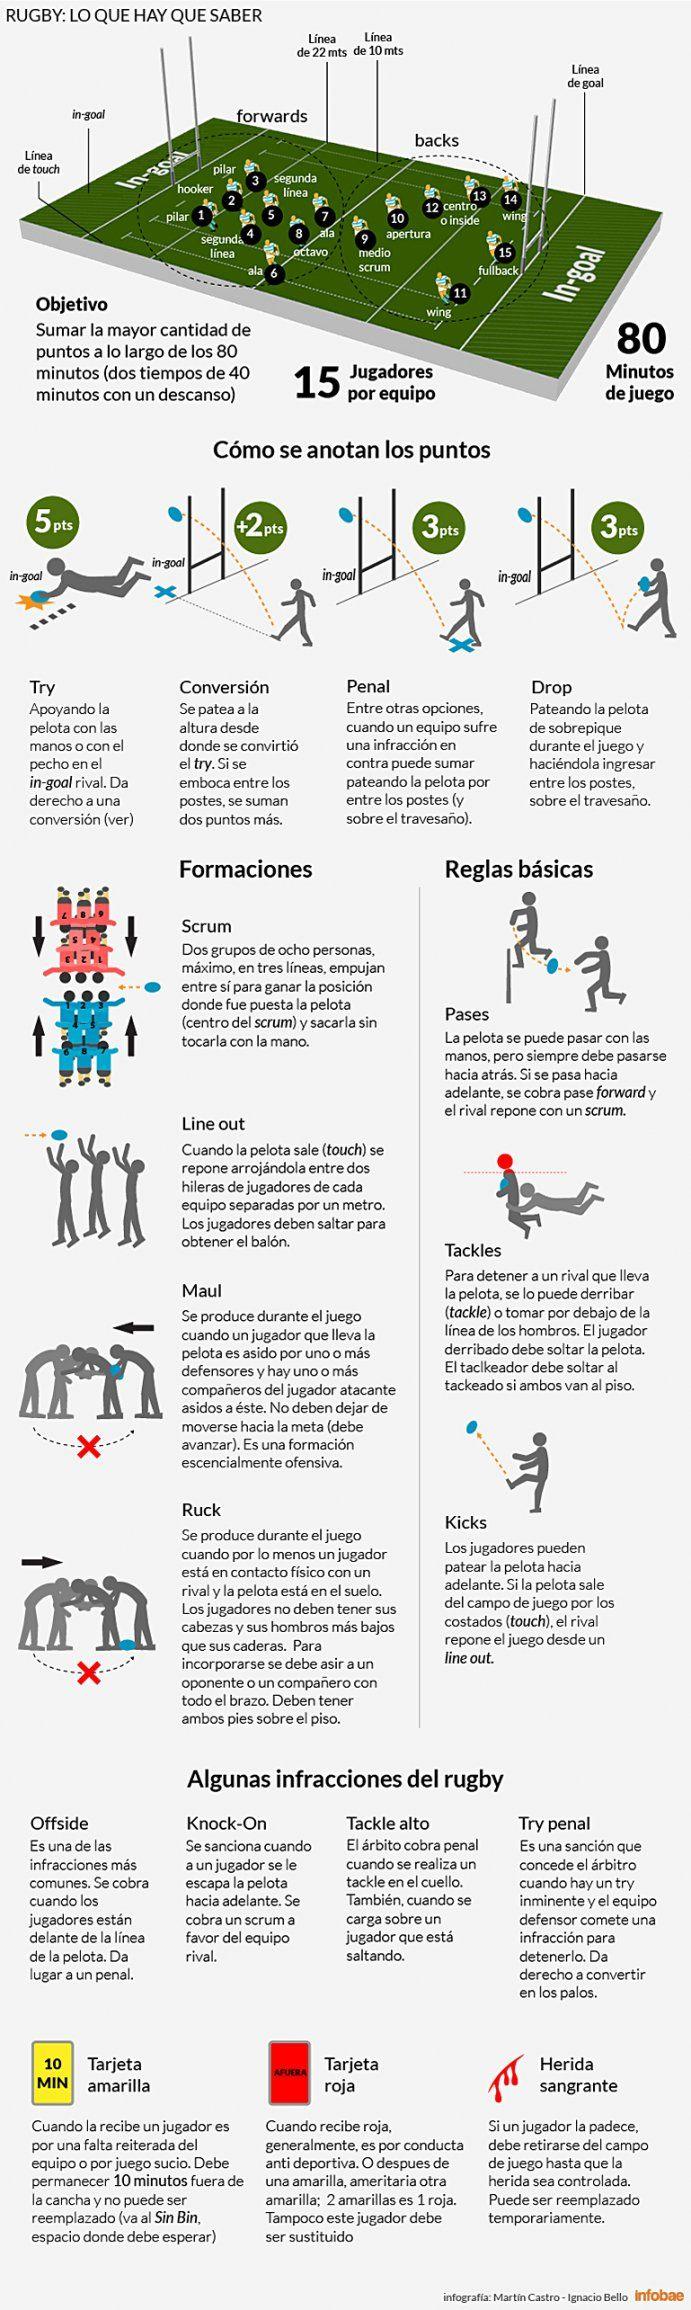 A días del debut de Los Pumas en el Mundial, lo que hay que saber de un partido de rugby   Mundial de Rugby 2015 - Infobae